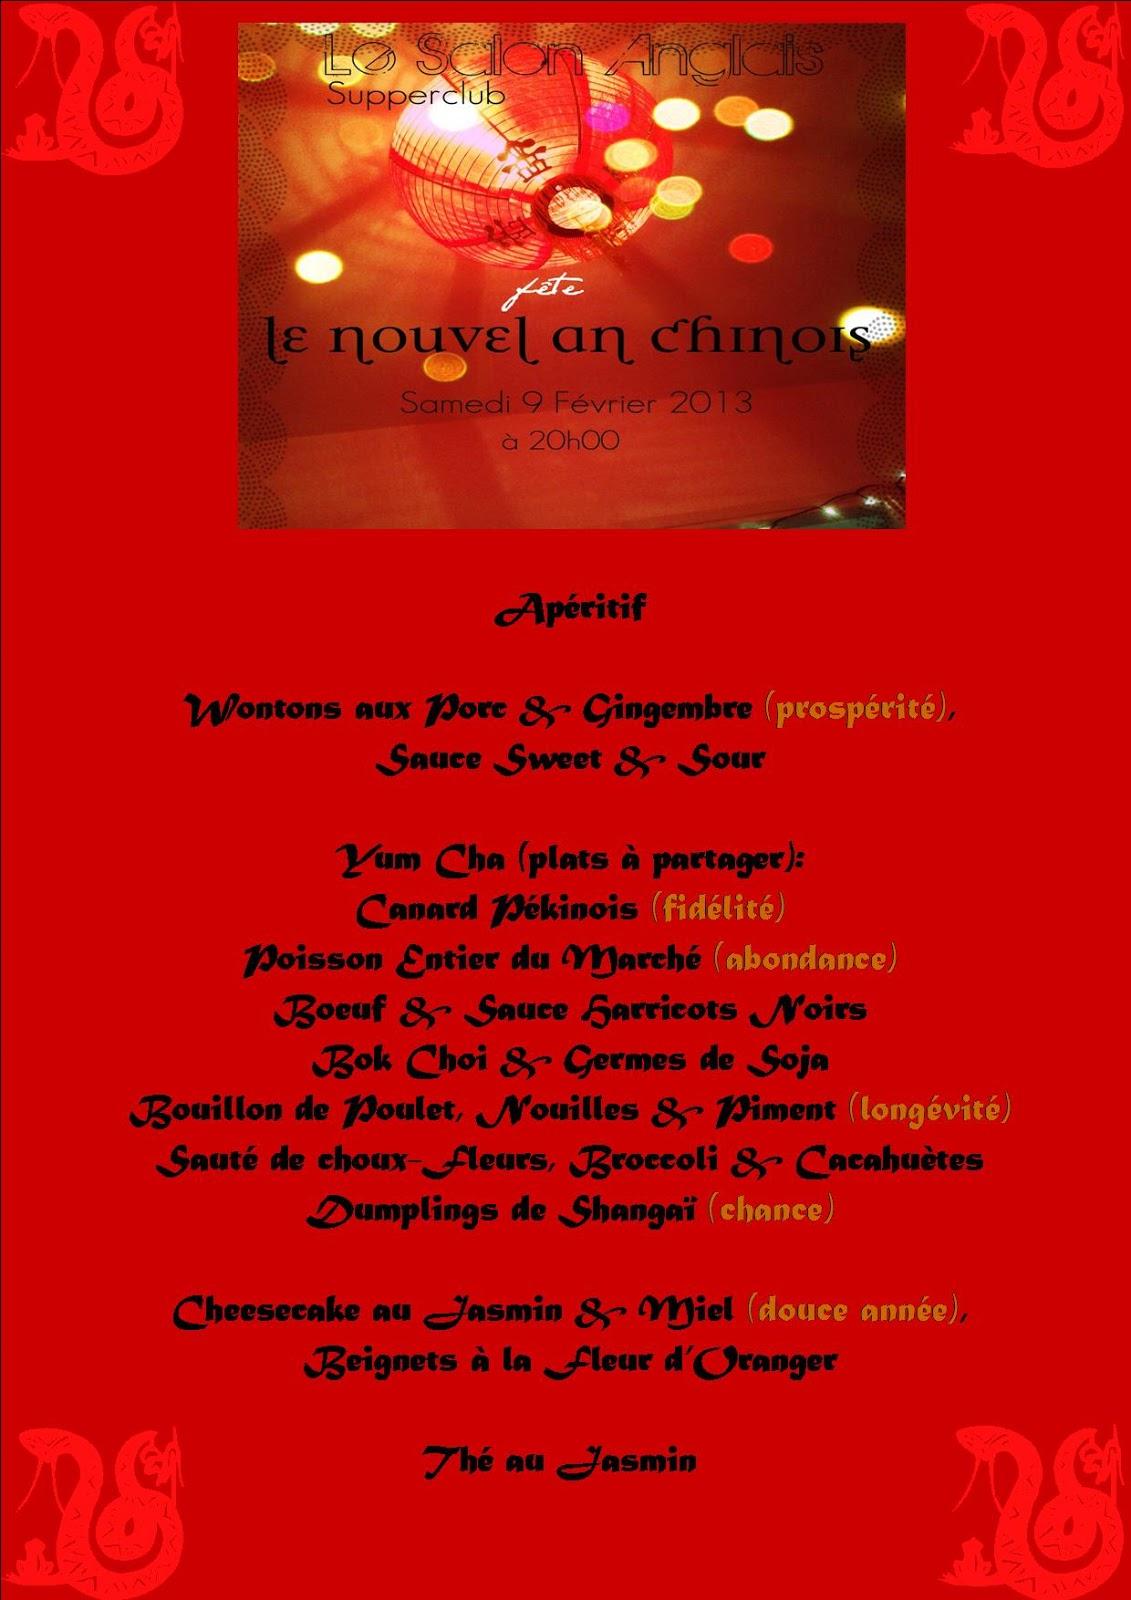 Le salon anglais menu du r veillon de l 39 an chinois for Set de table anglais